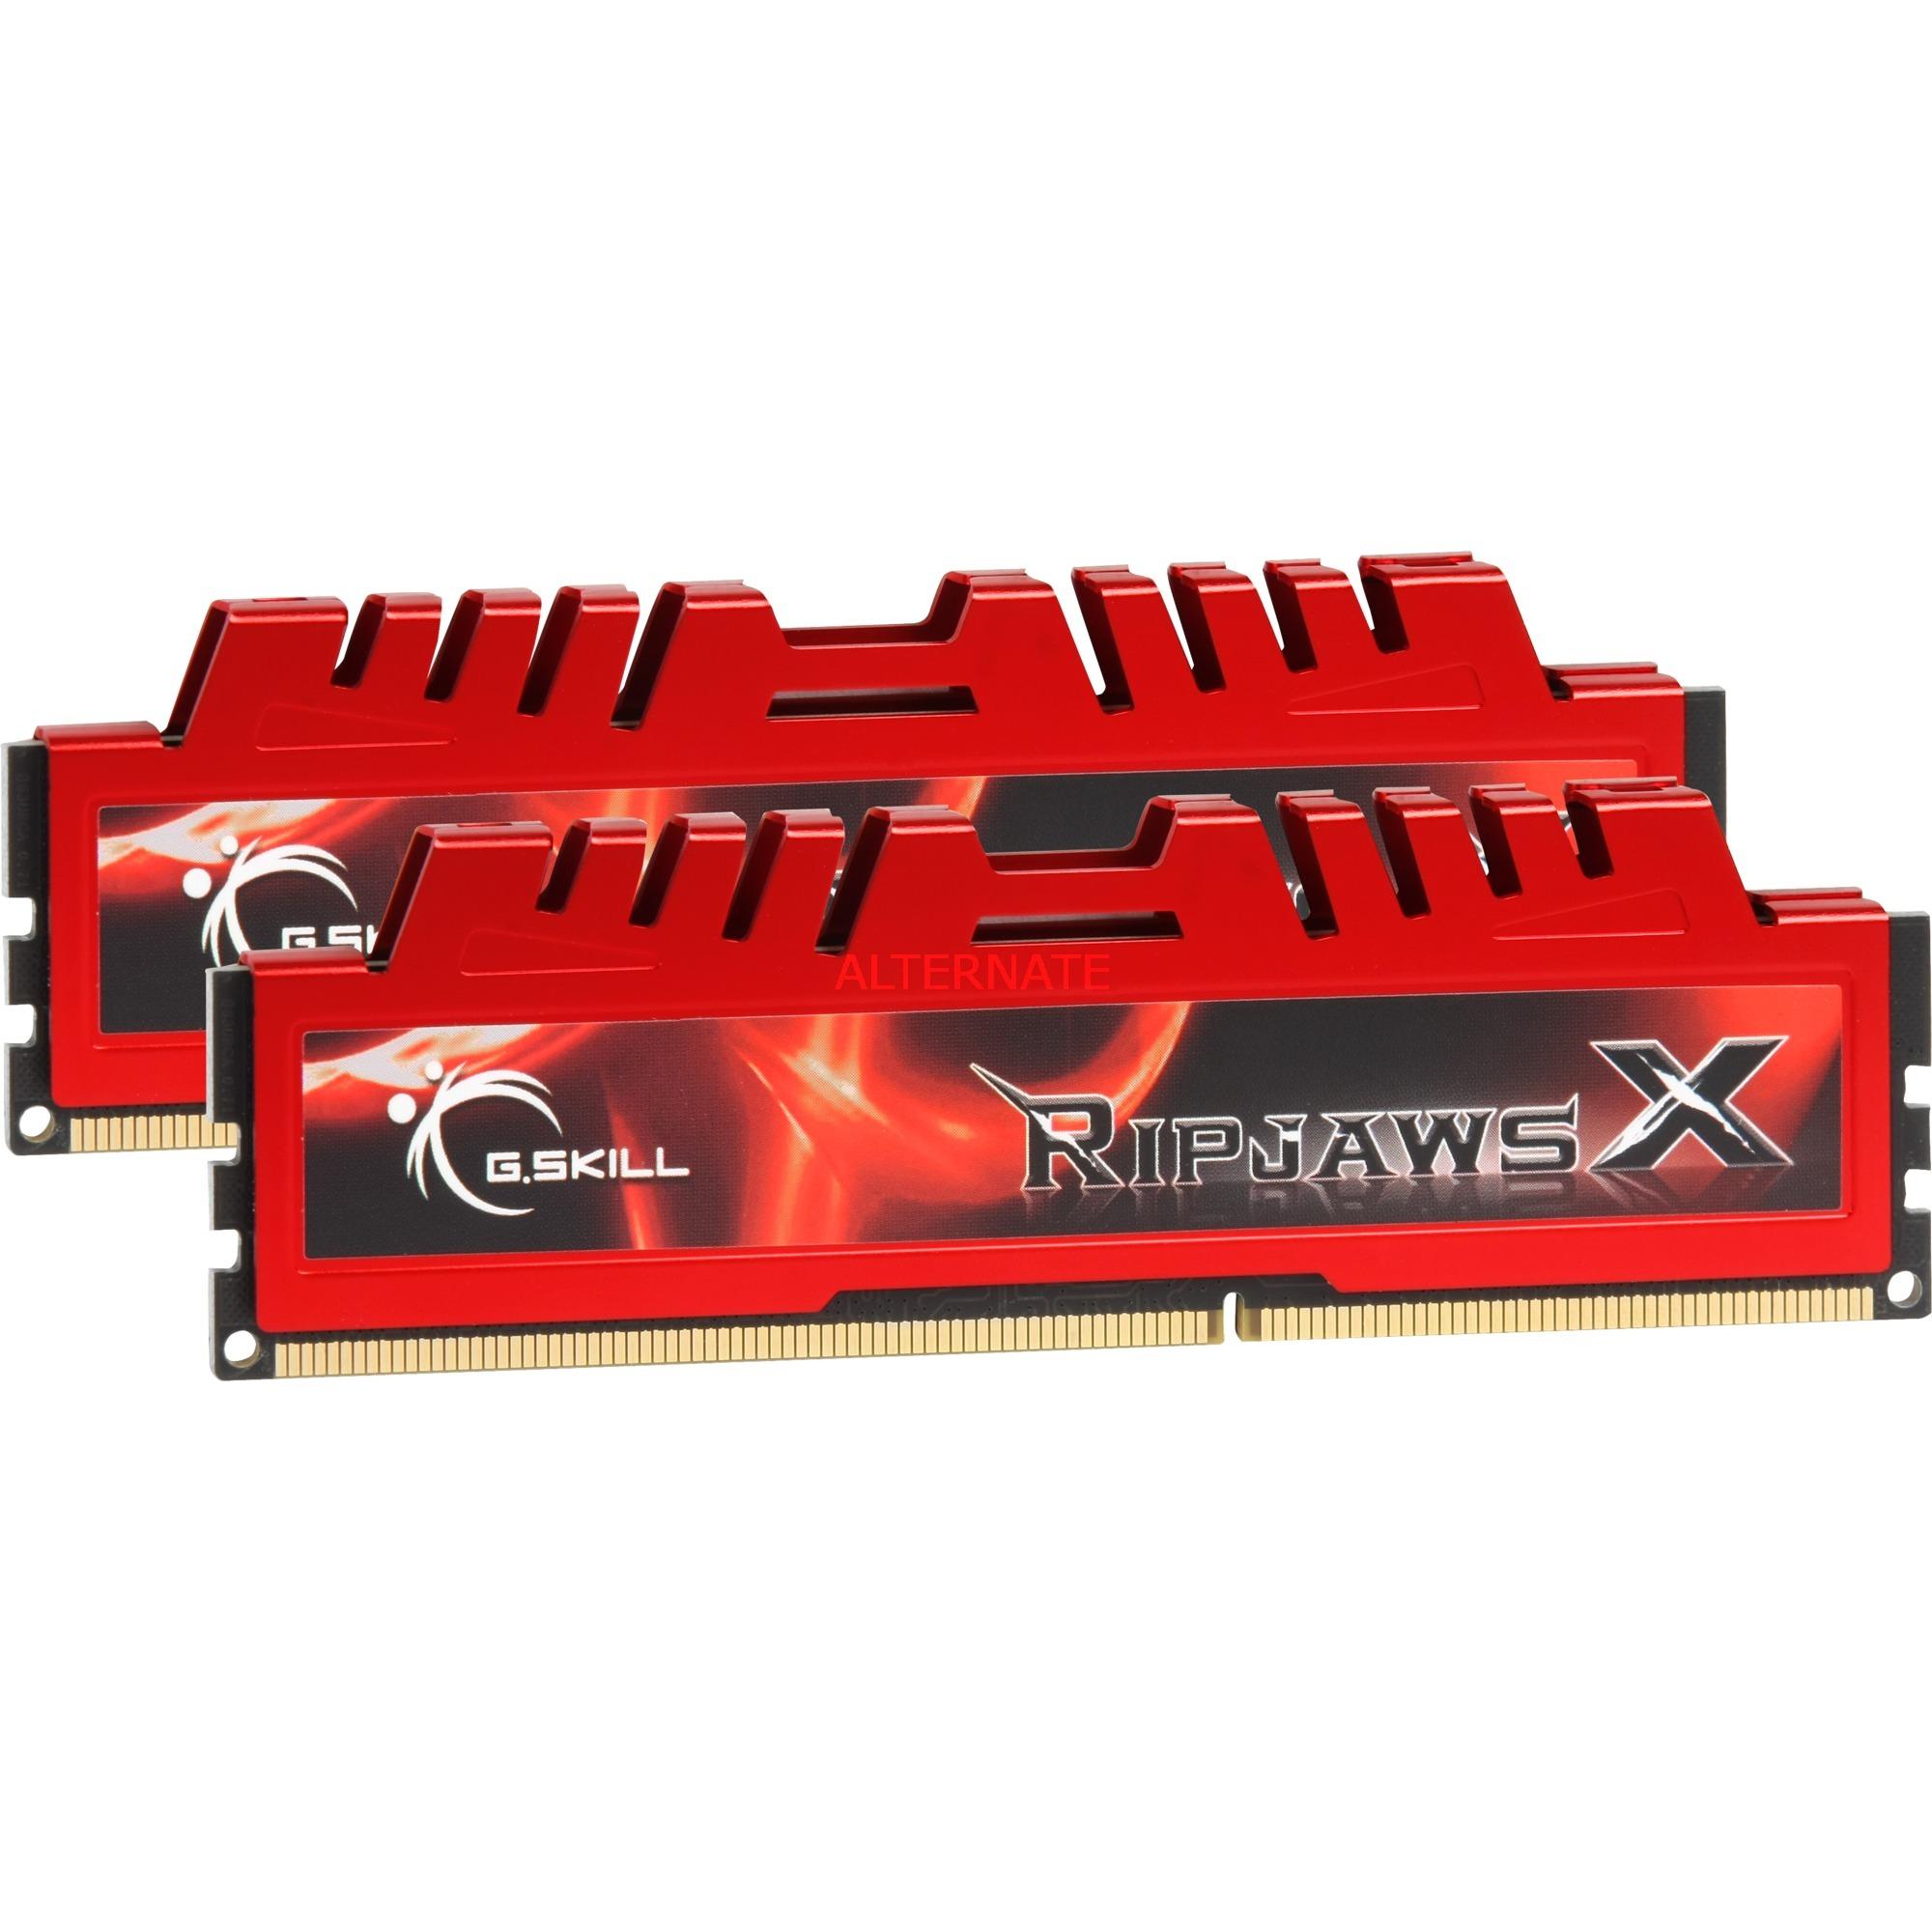 16GB DDR3-1333 CL9 RipjawsX 16Go DDR3 1333MHz module de mémoire